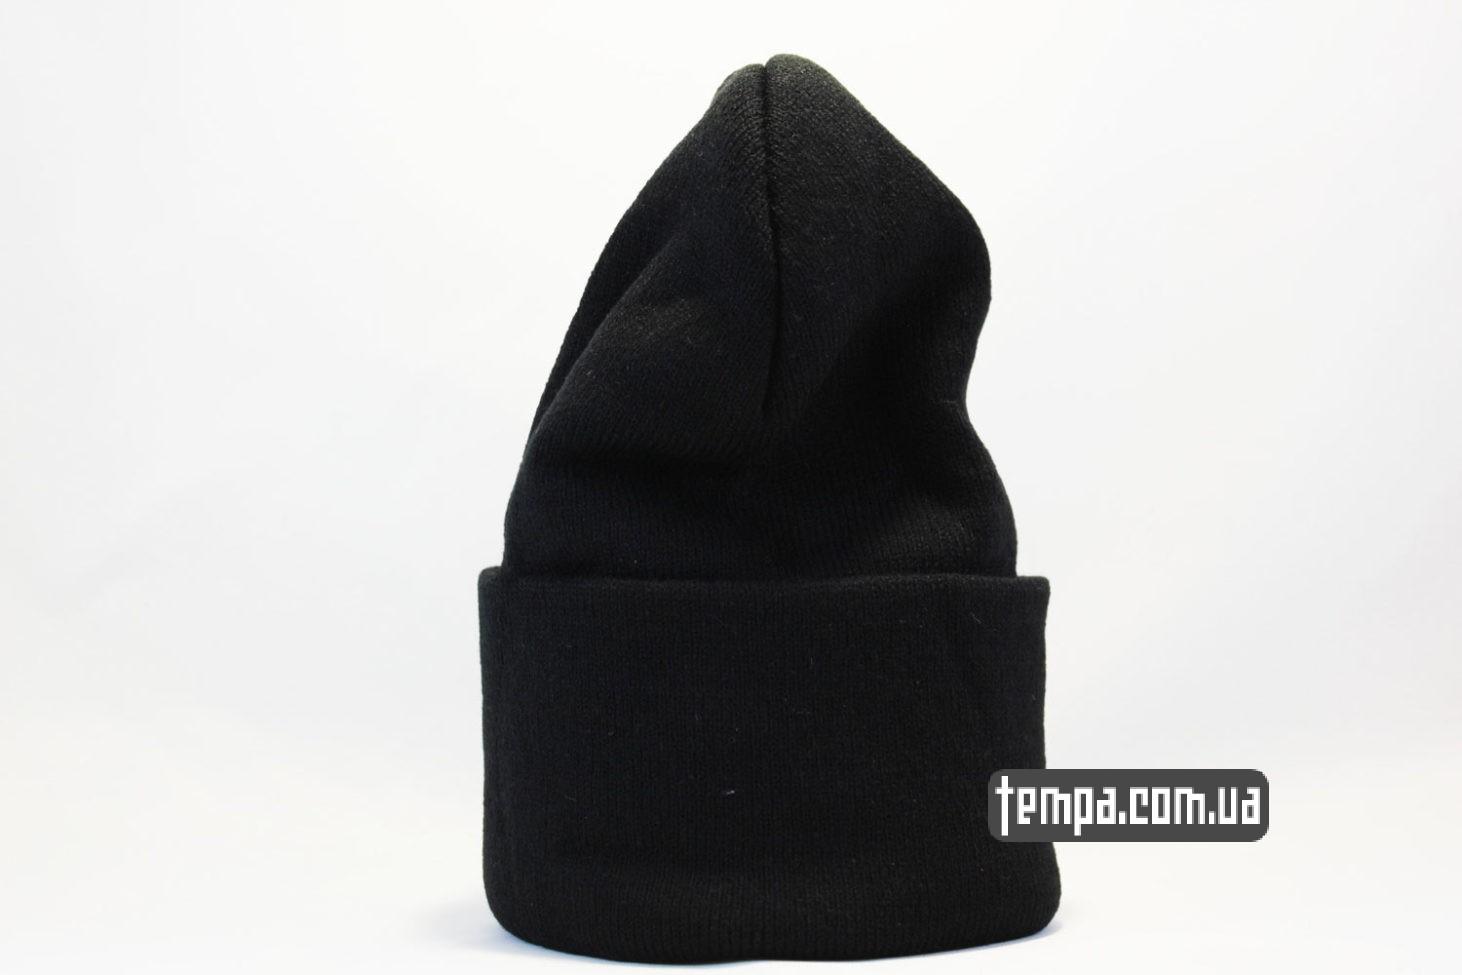 plain шапка beanie чисто черная без надписей ASOS купить Украина